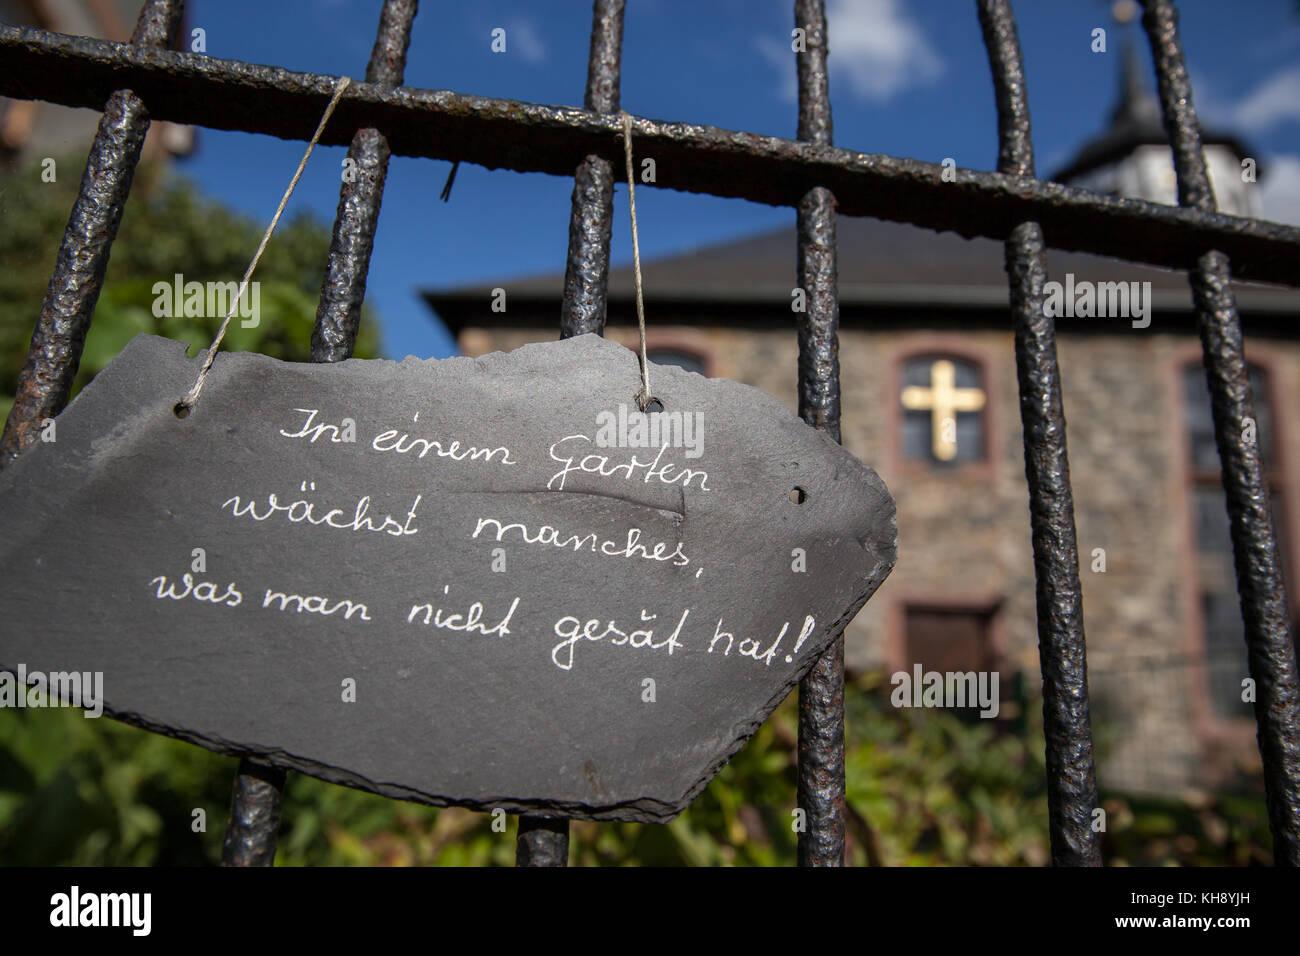 Gesät  In Einen Garten Wächst Manches Was Man Nicht Gesät Hat Stock ...